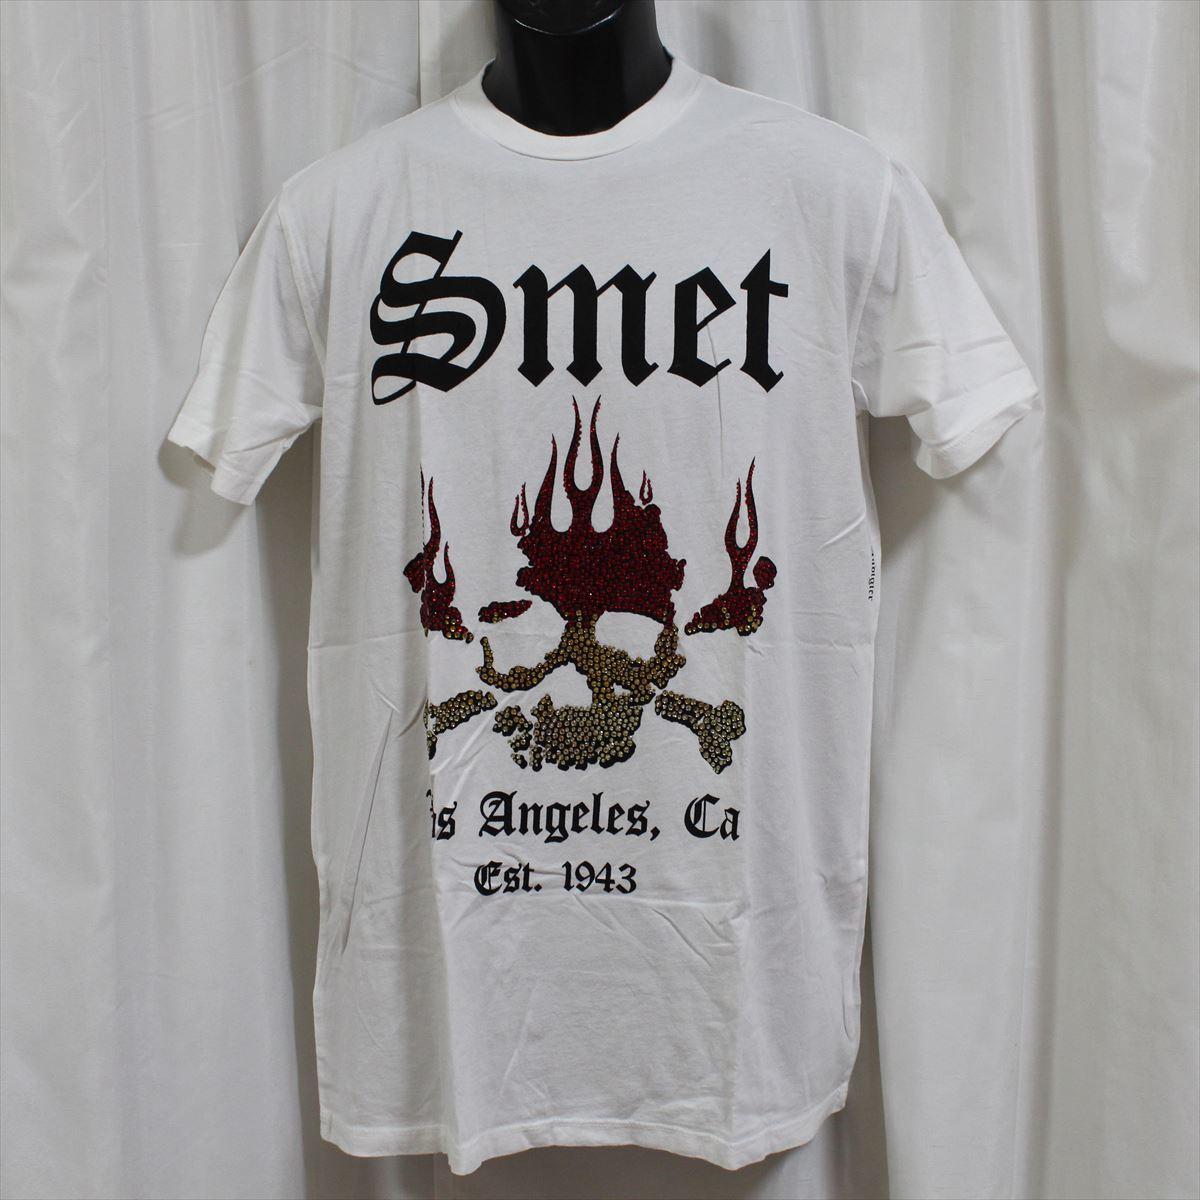 スメット SMET メンズ半袖Tシャツ ホワイト Lサイズ NO4 新品_画像1